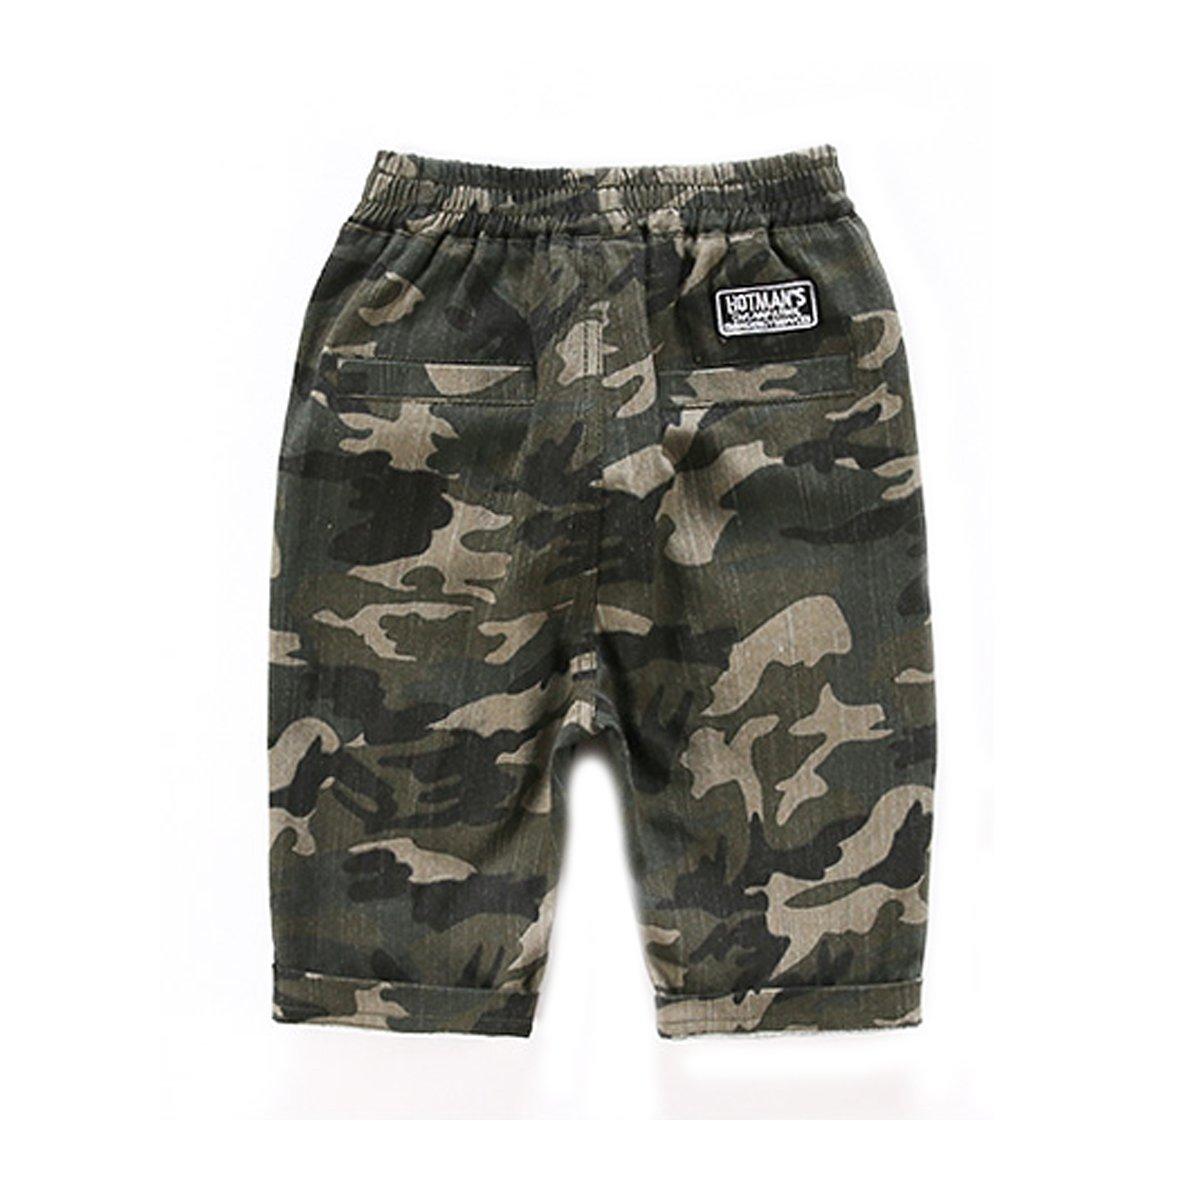 NABER Kids Boys Fashion Camouflage Summer Cargo Shorts Age 4-13 Years